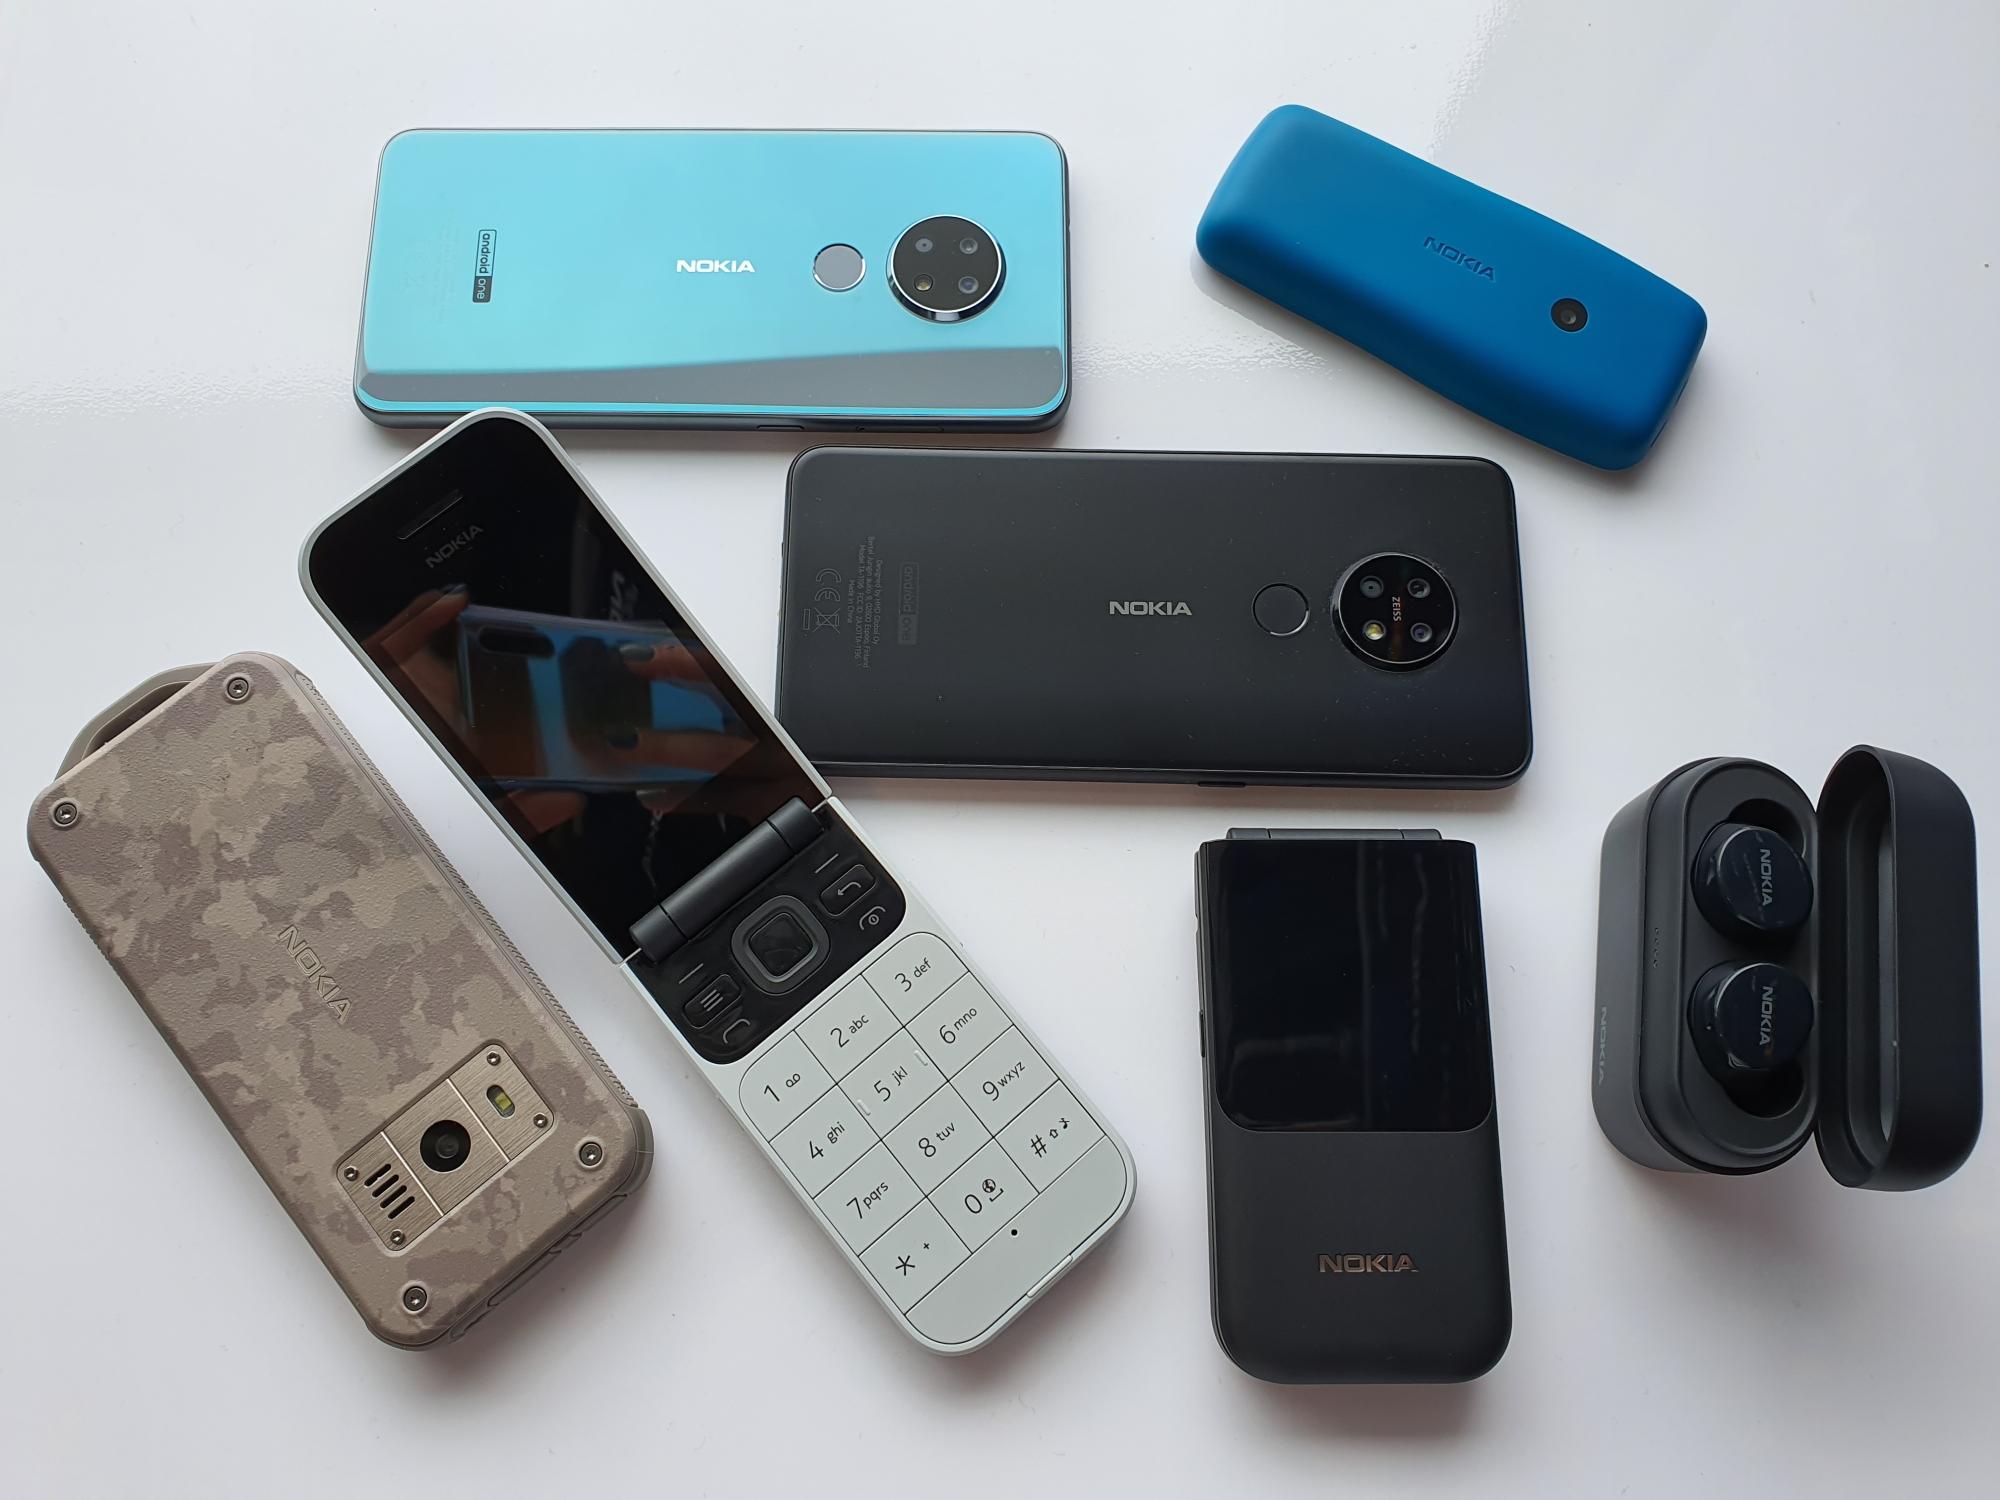 Sprzedaż smartfonów Nokia ostro pikuje. Klasycznych telefonów tak samo 26